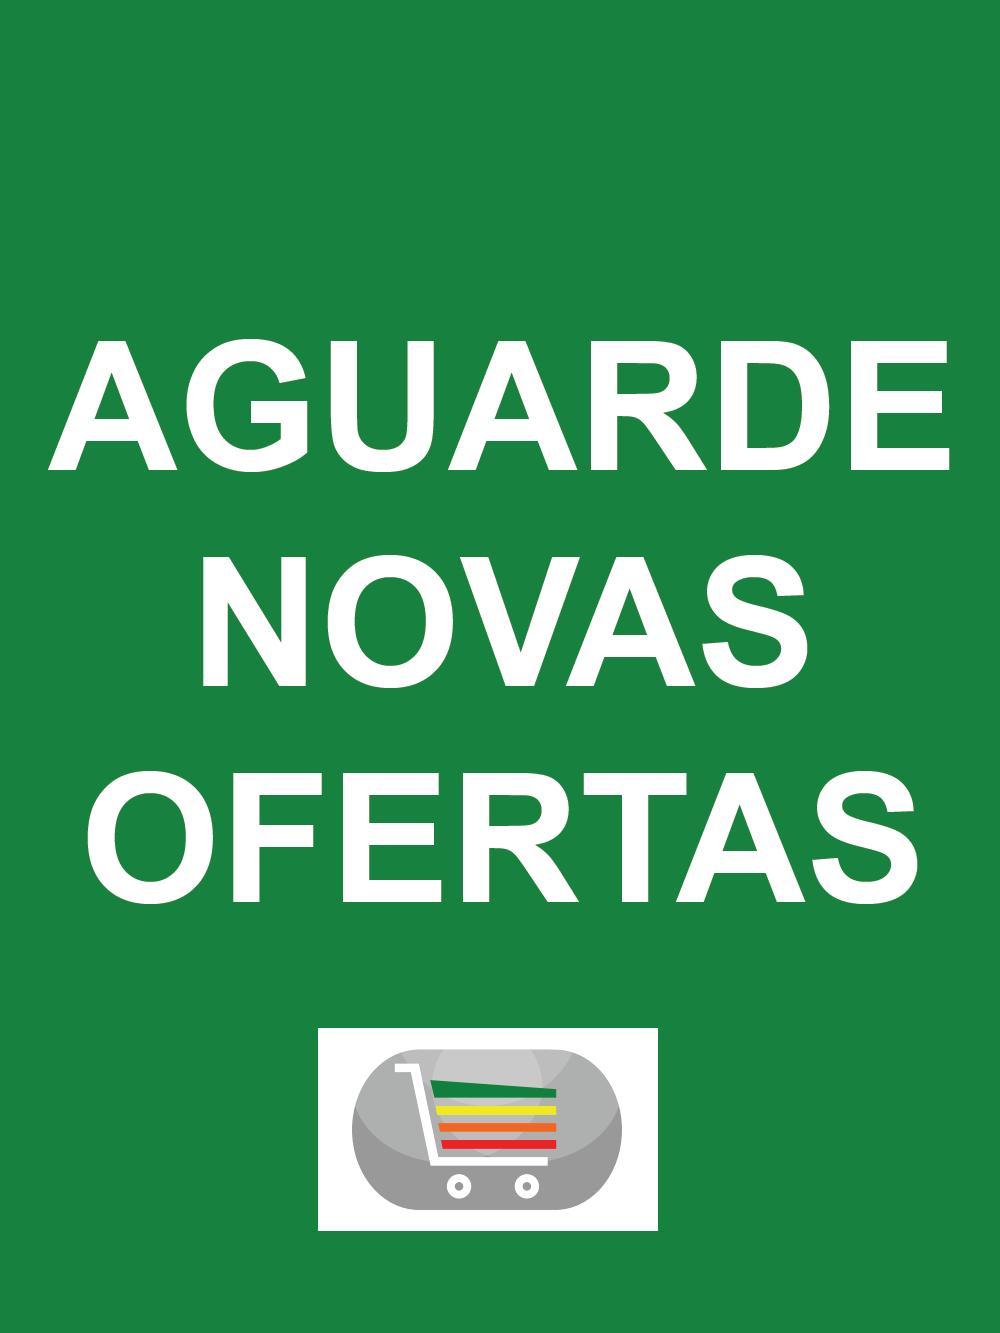 ofertas_de_supermercados4352-1000x1333 Futurama até 30/04